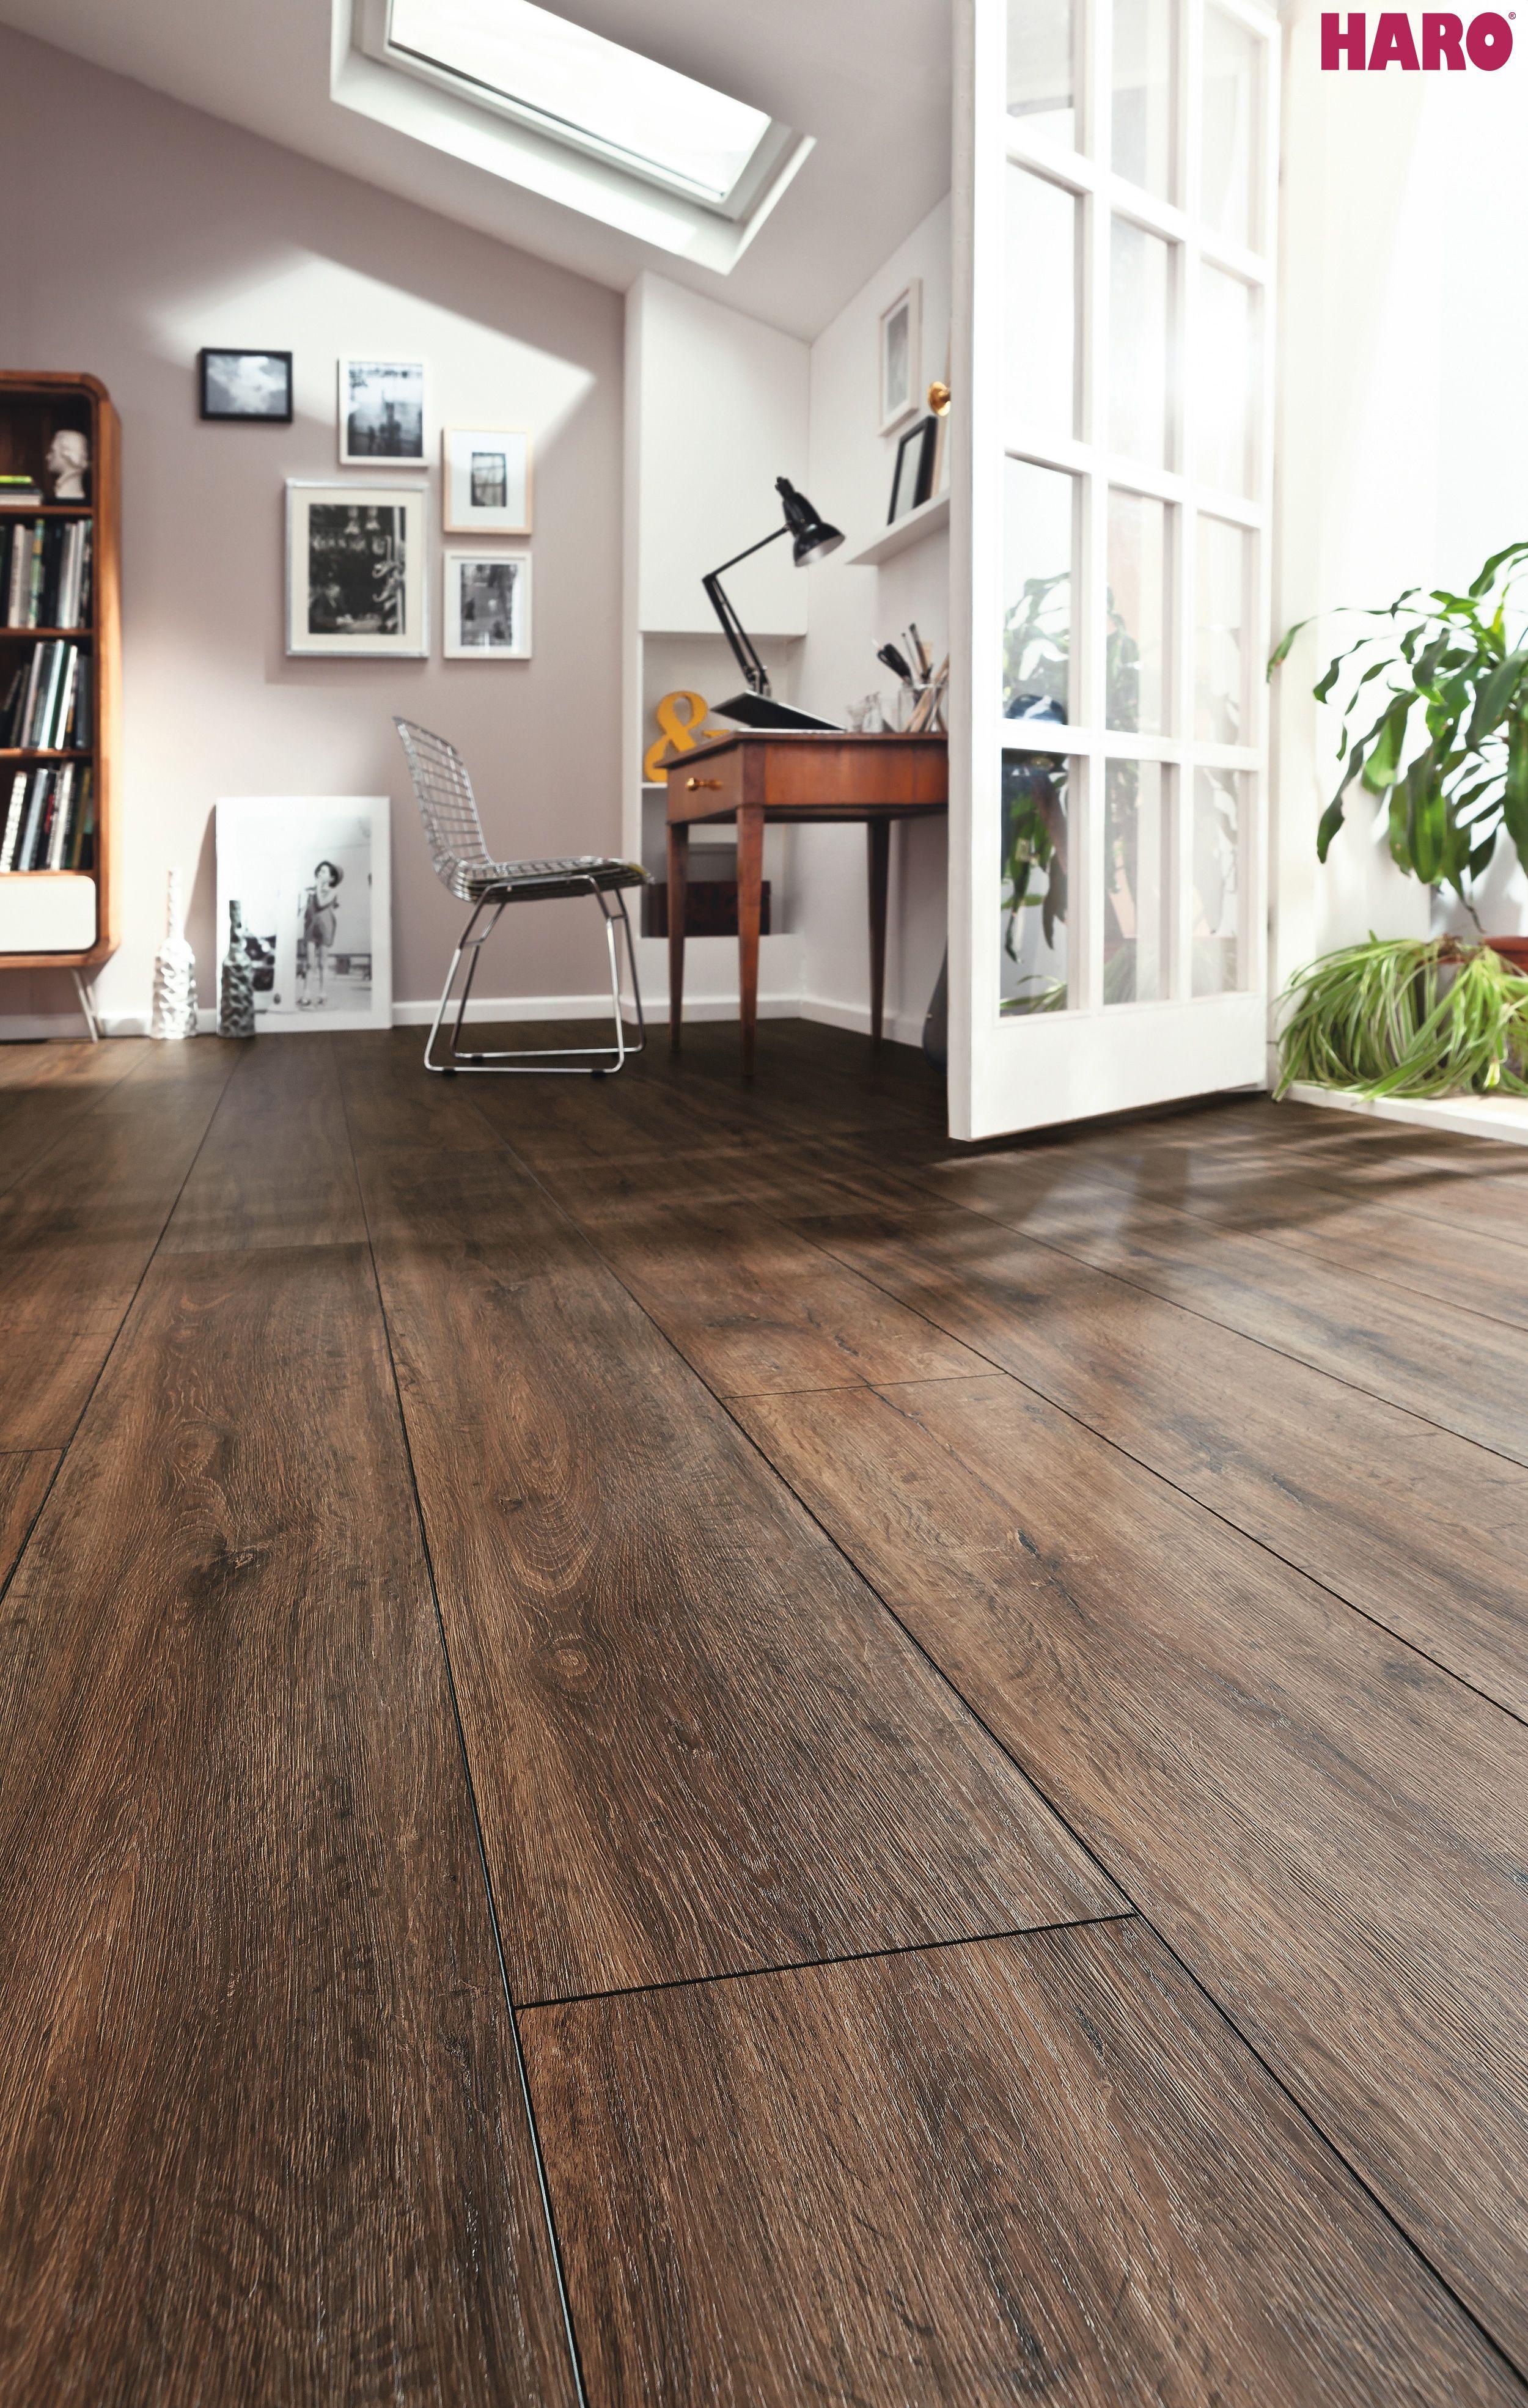 Disano Classic Vinylboden Franzosische Rauchereiche Landhausdiele 4v Fase Vinylboden Vinylboden Kuche Haus Bodenbelag